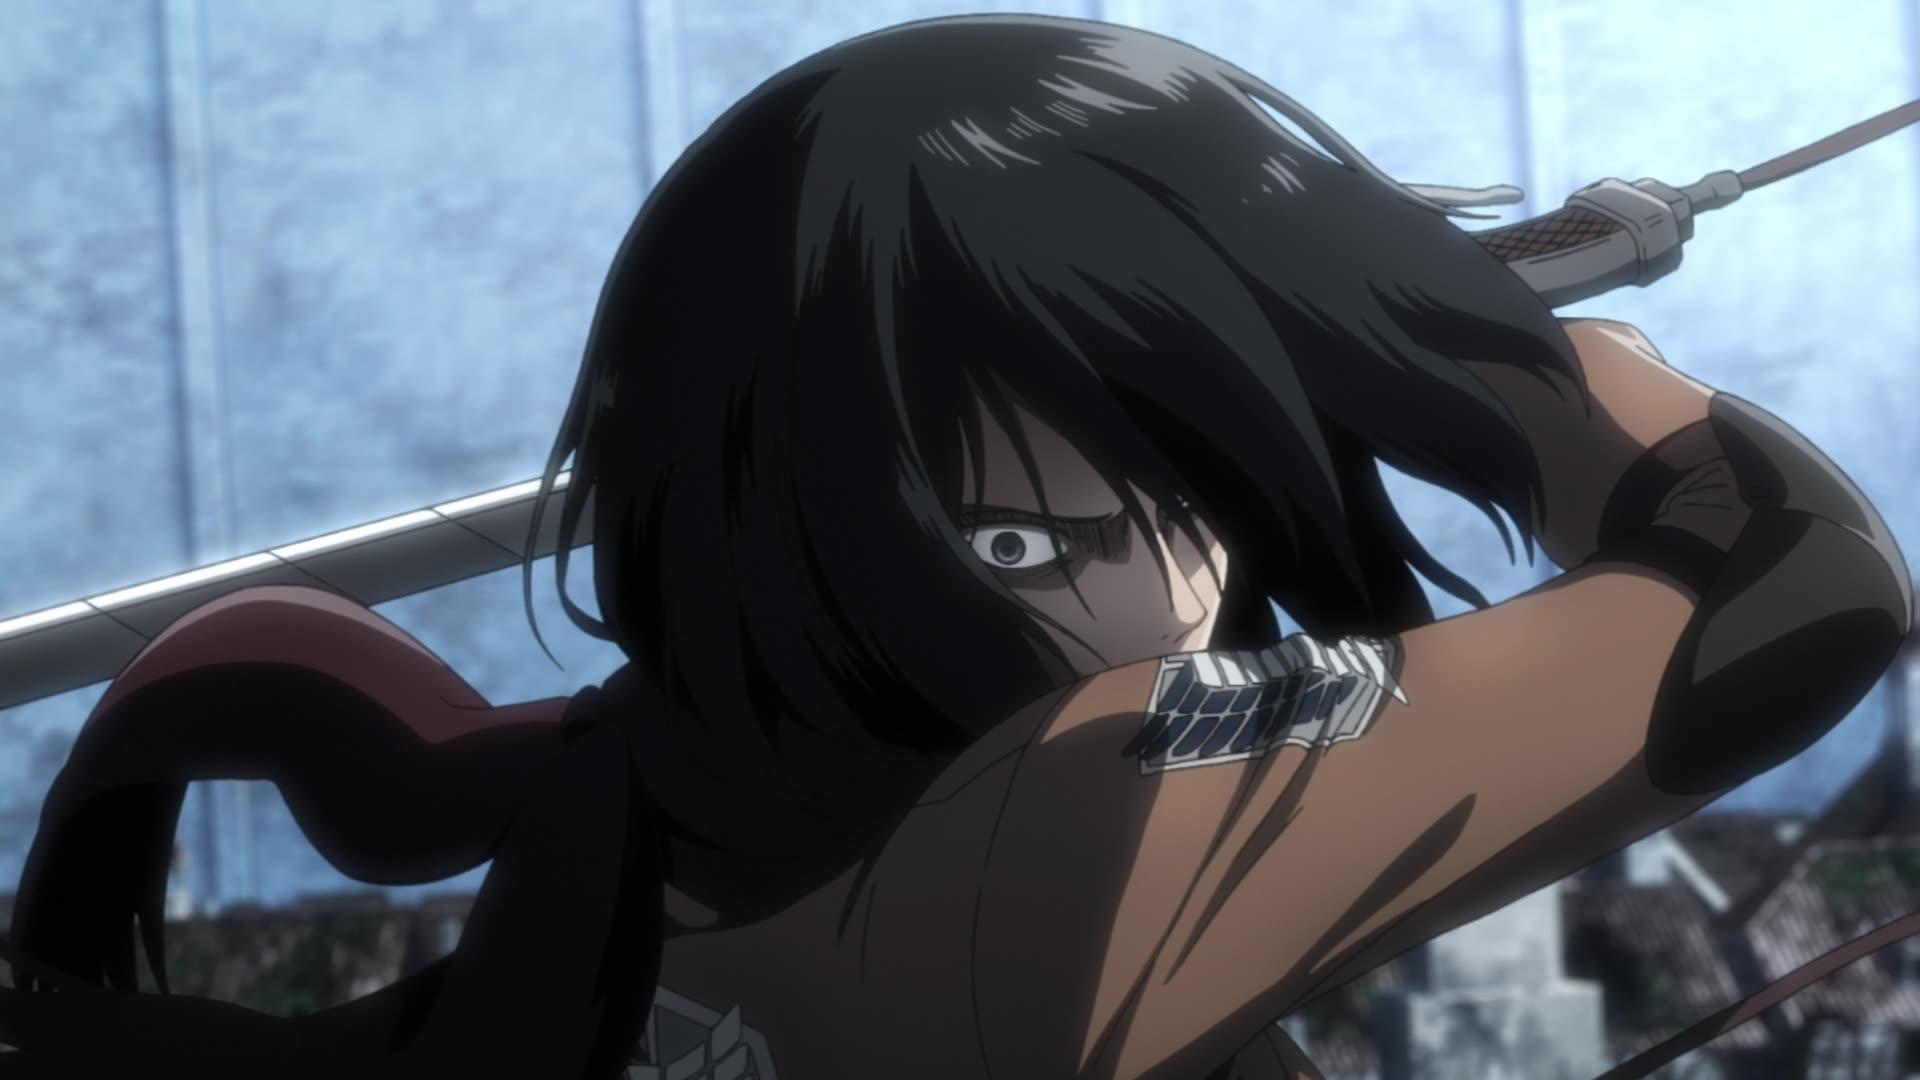 Attack on Titan Season 3 Part 2 Episode 8